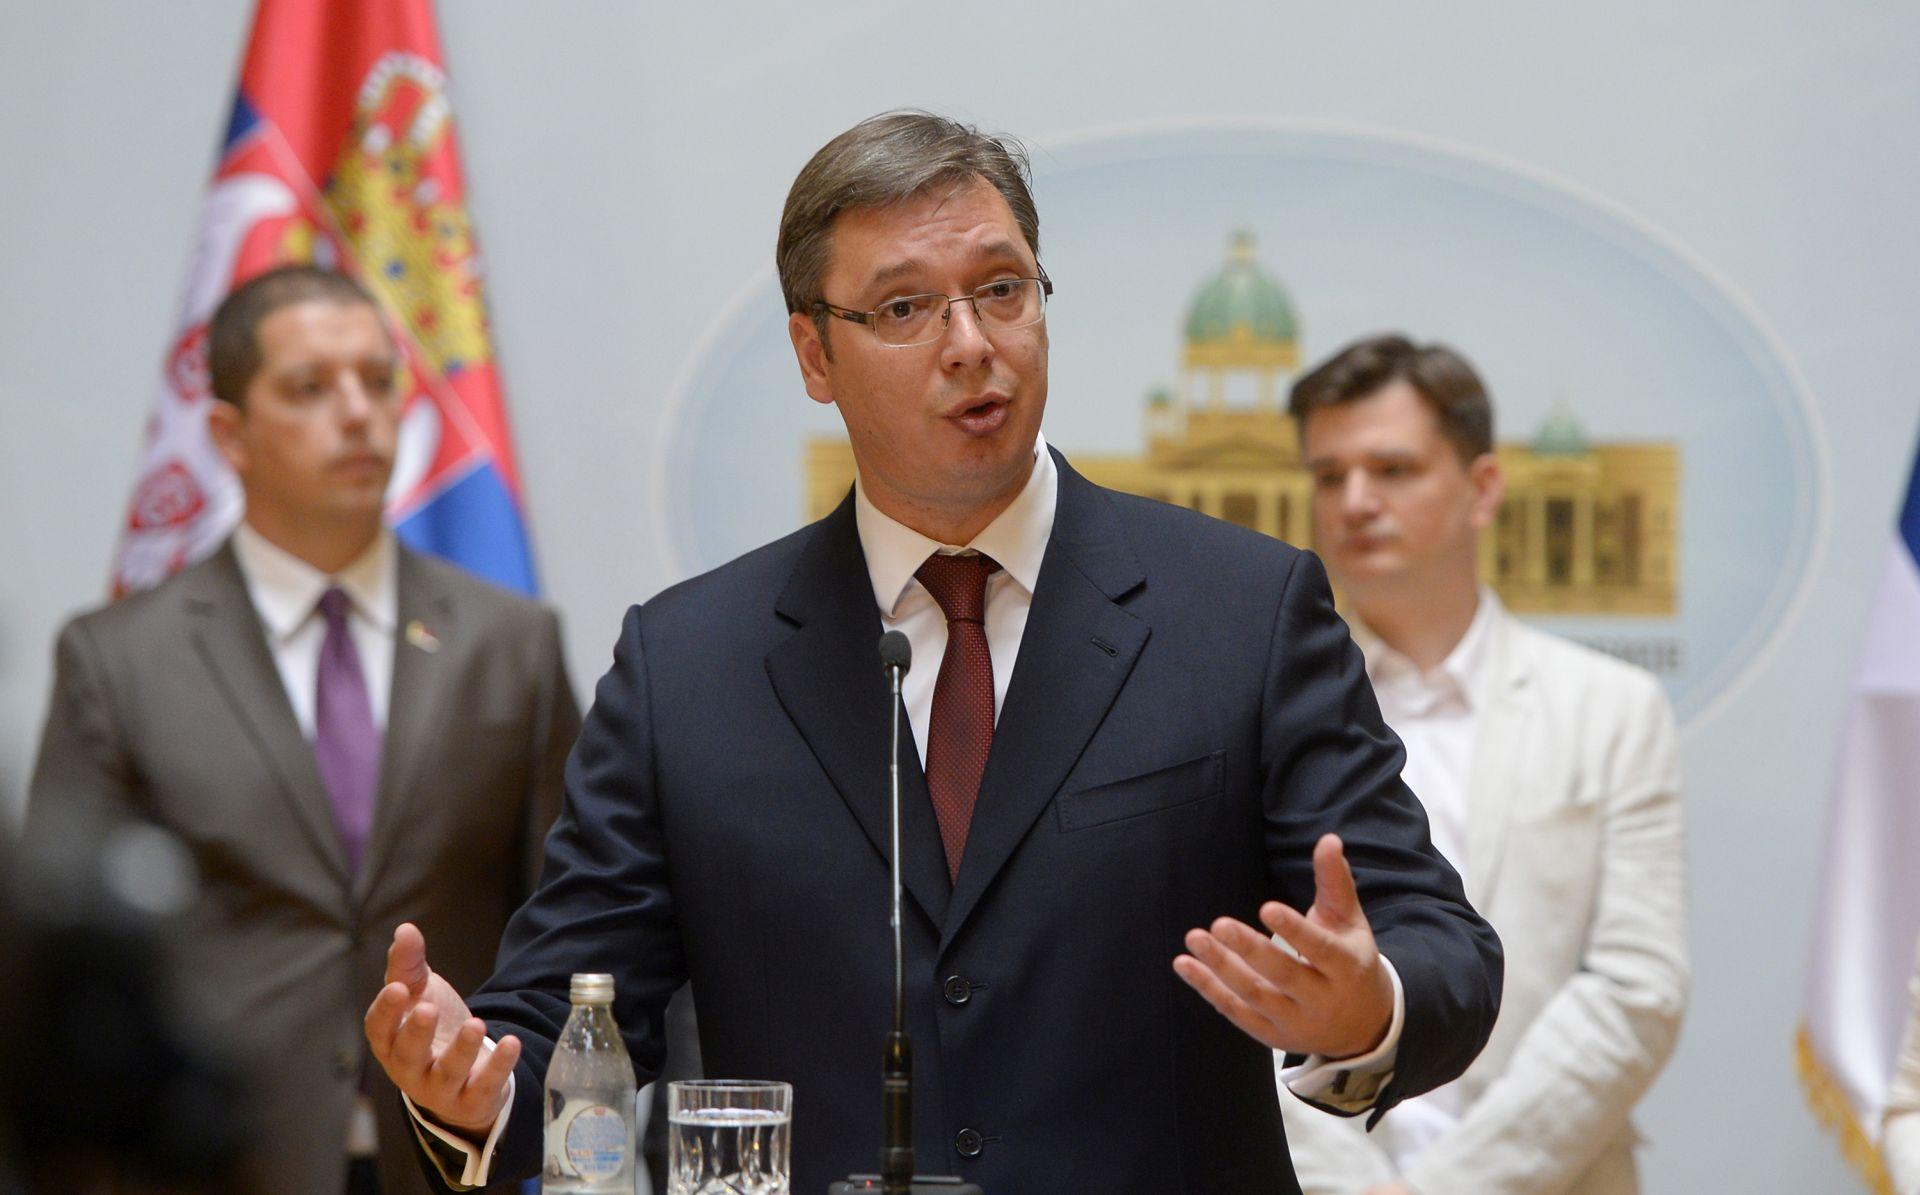 Vučić se s Hrvatskom želi natjecati u gospodarstvu, ne u uvredama